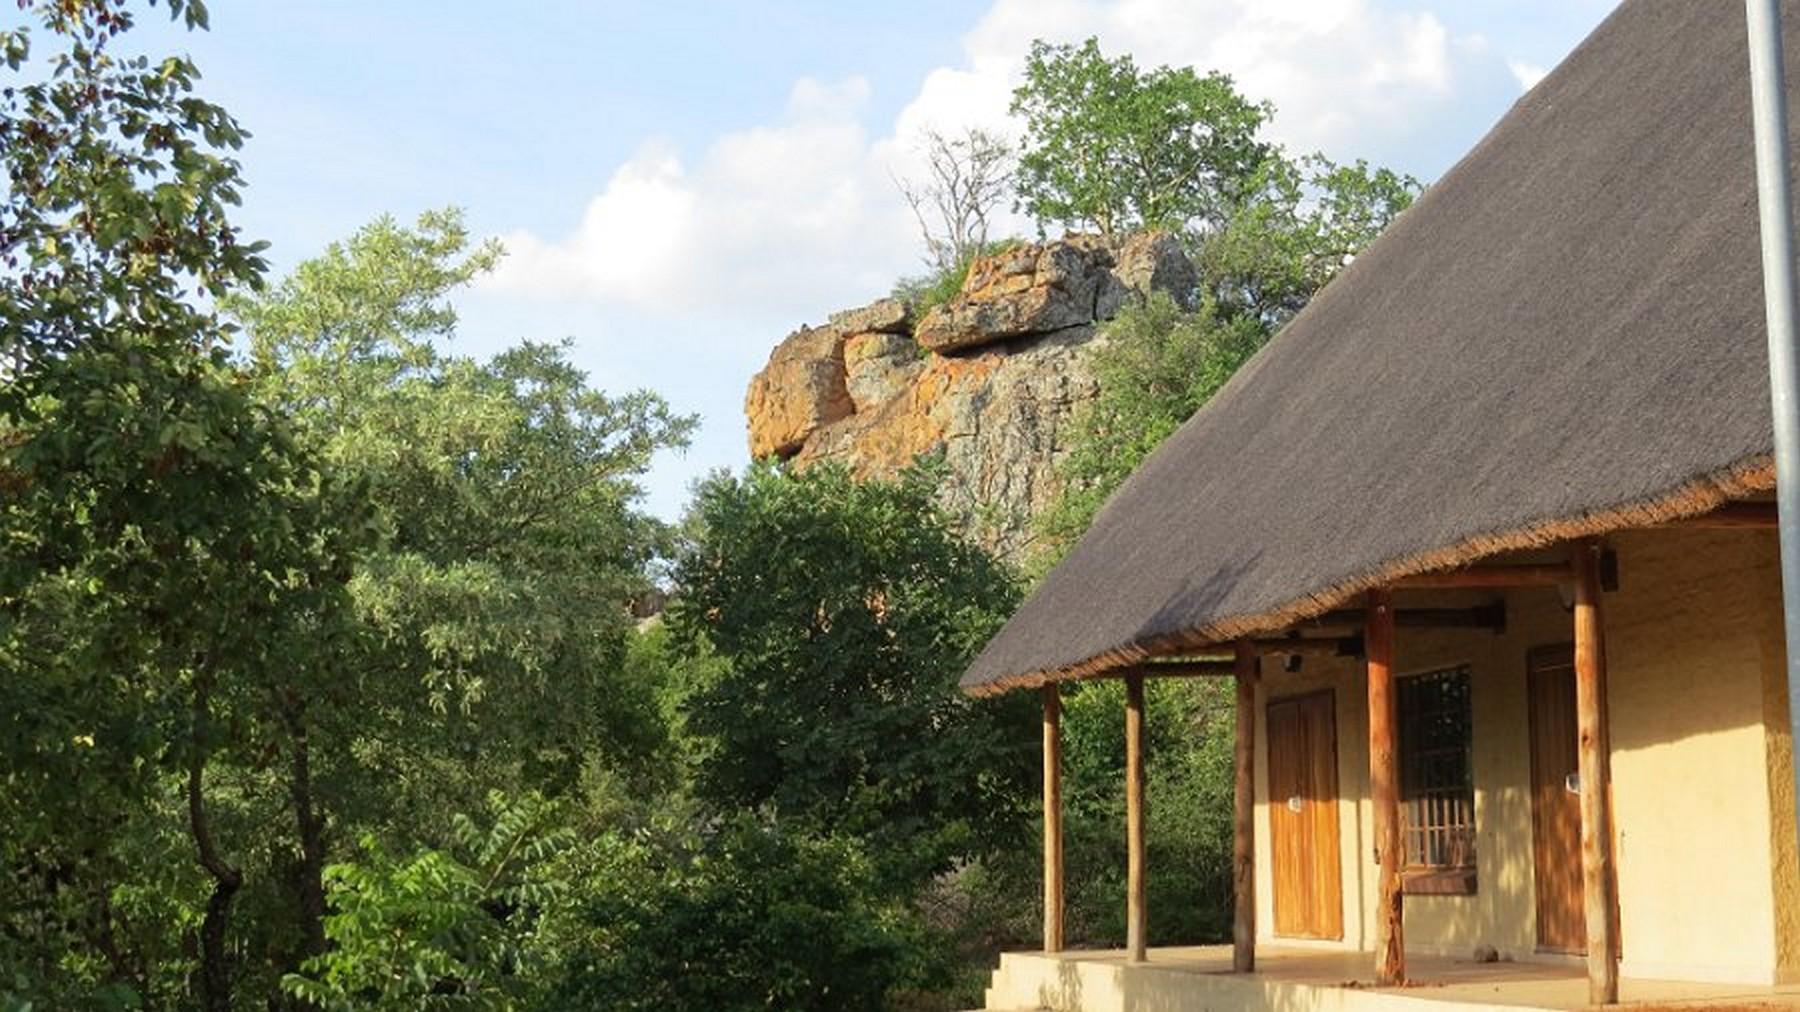 Awelani Lodge Chalet